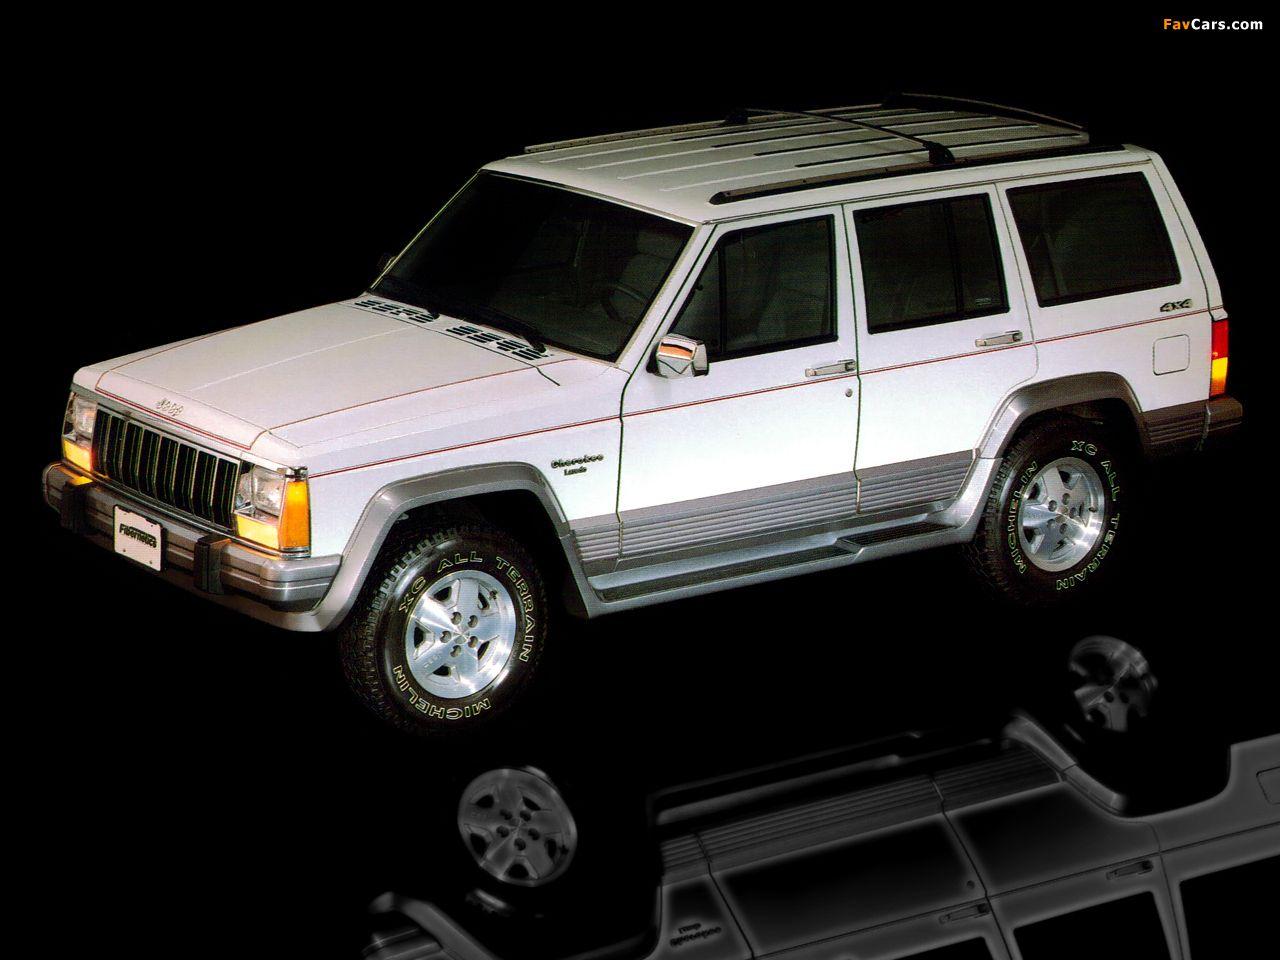 The 25 best jeep cherokee laredo ideas on pinterest jeep grand cherokee laredo jeep cherokee and jeep grand cherokee